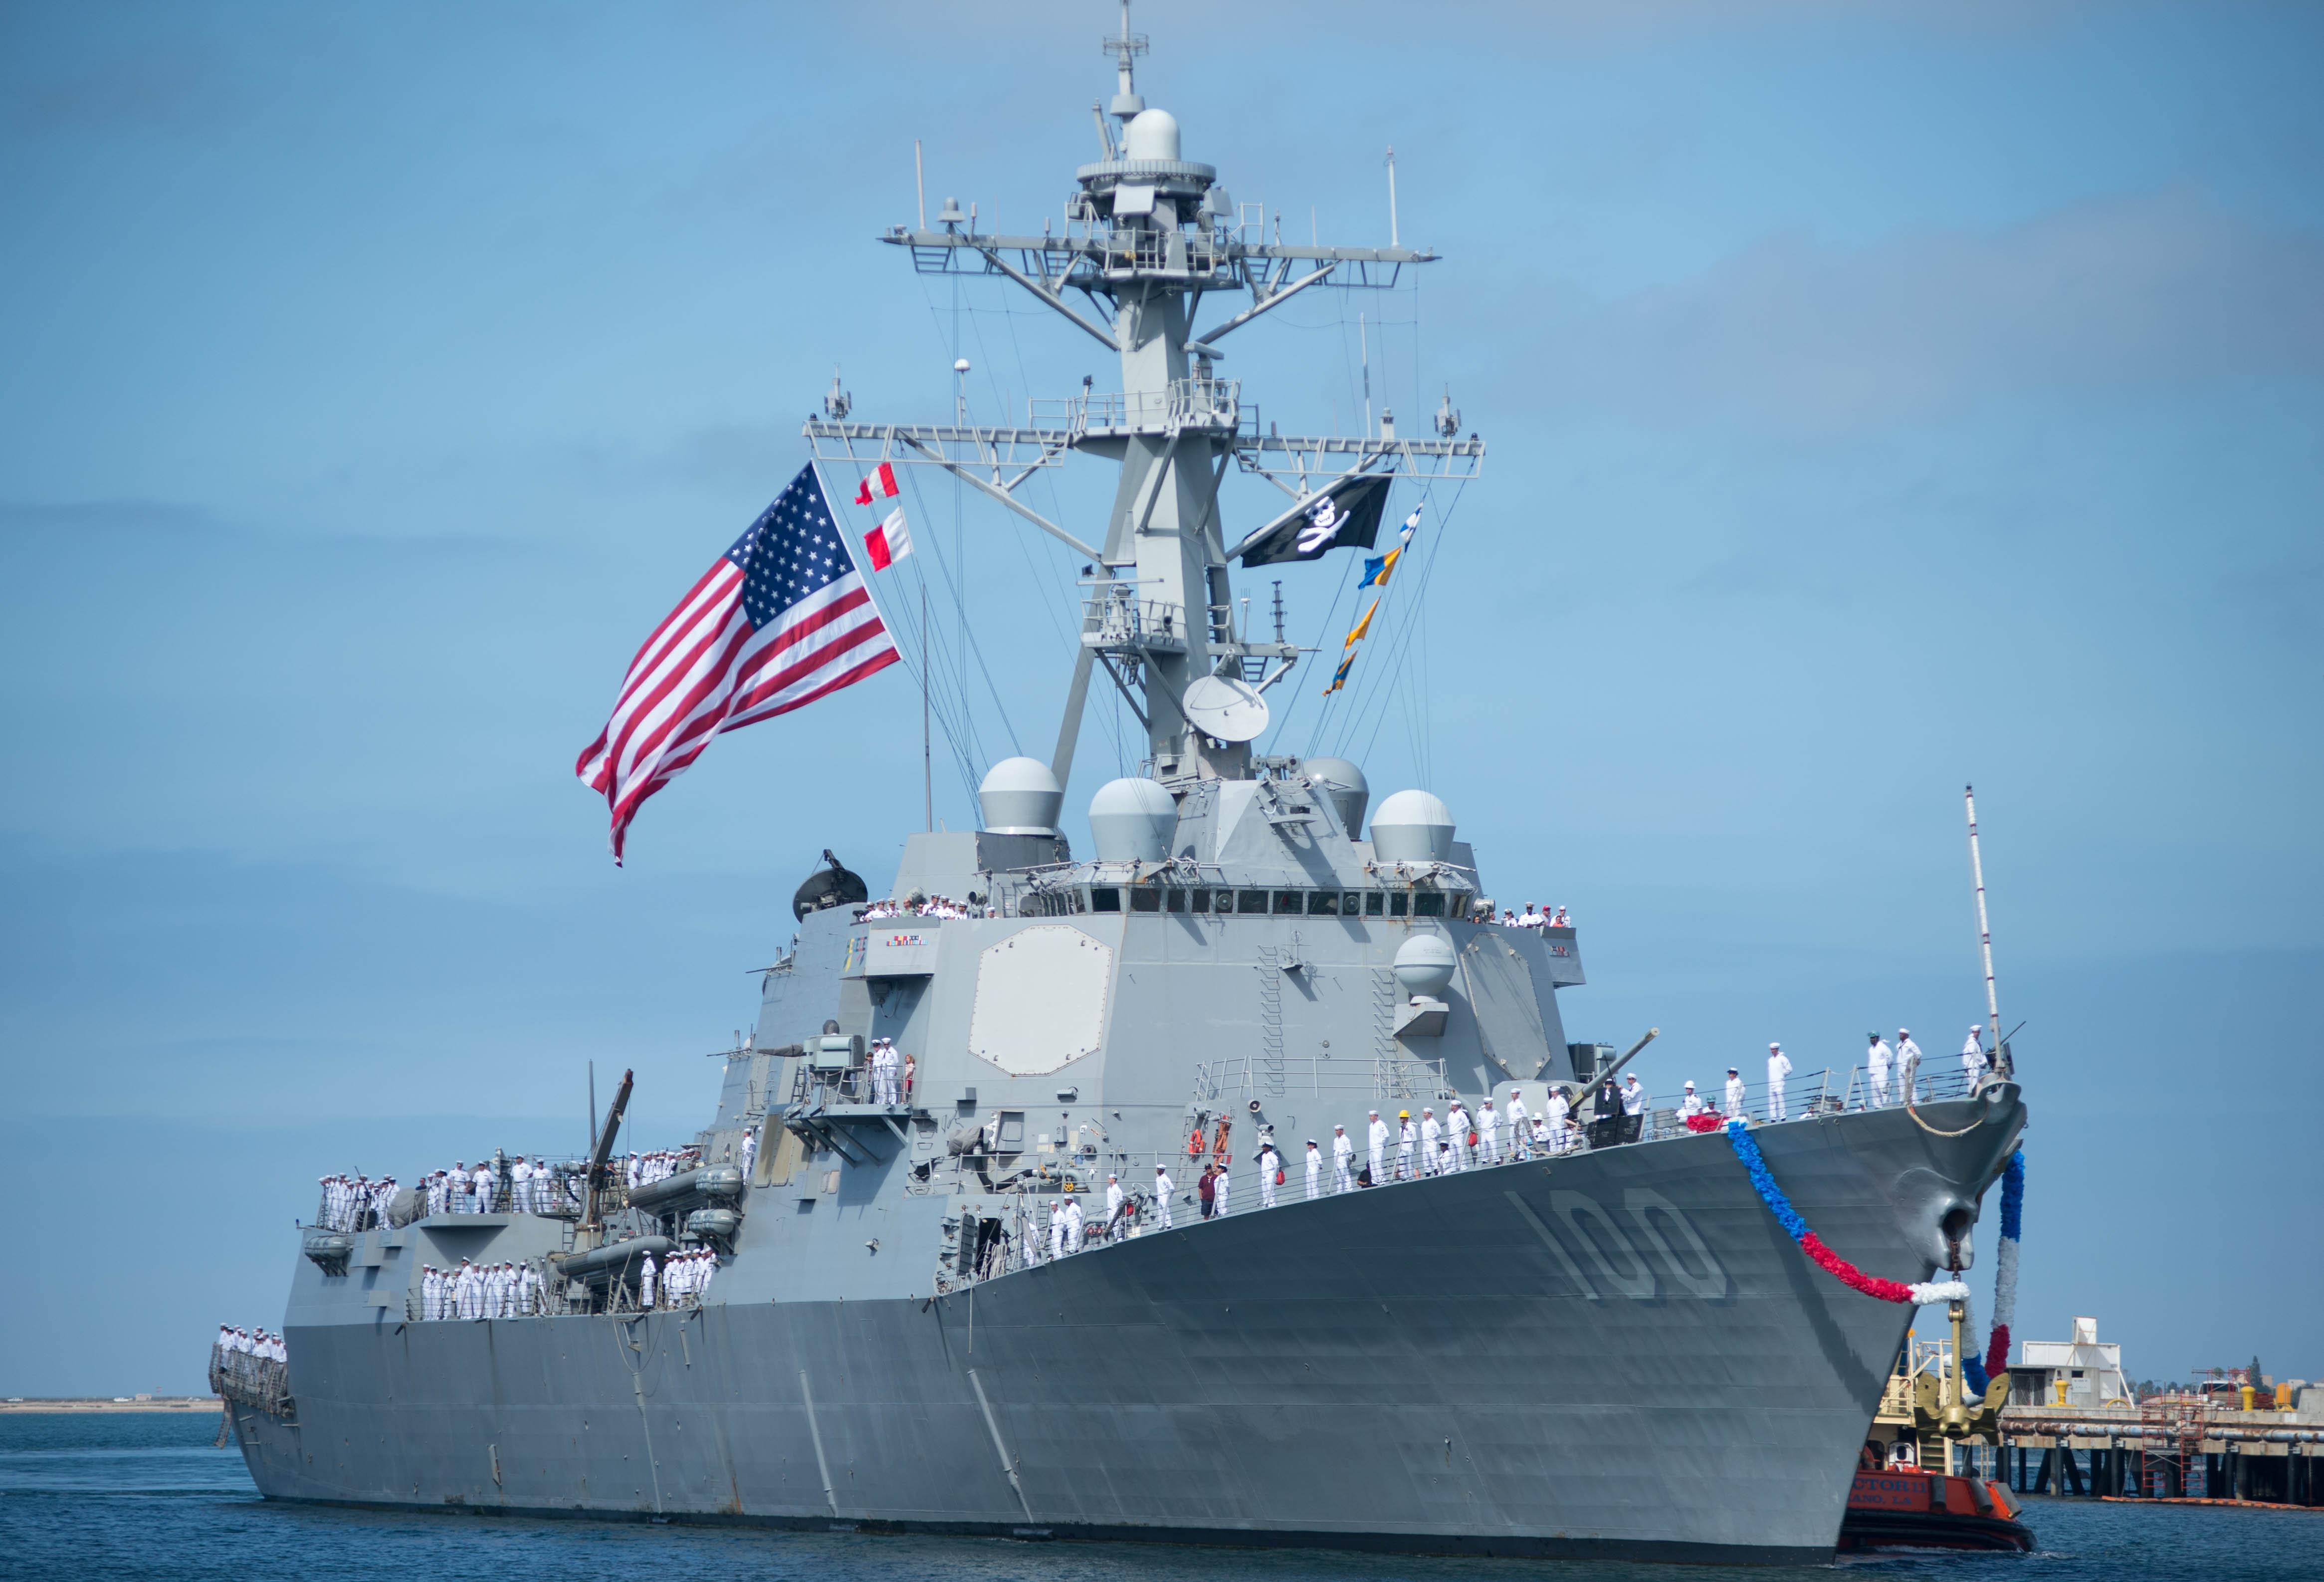 USS KIDD DDG-100 Einlaufen San Diego am 21.08.2014 Bild: U.S. Navy